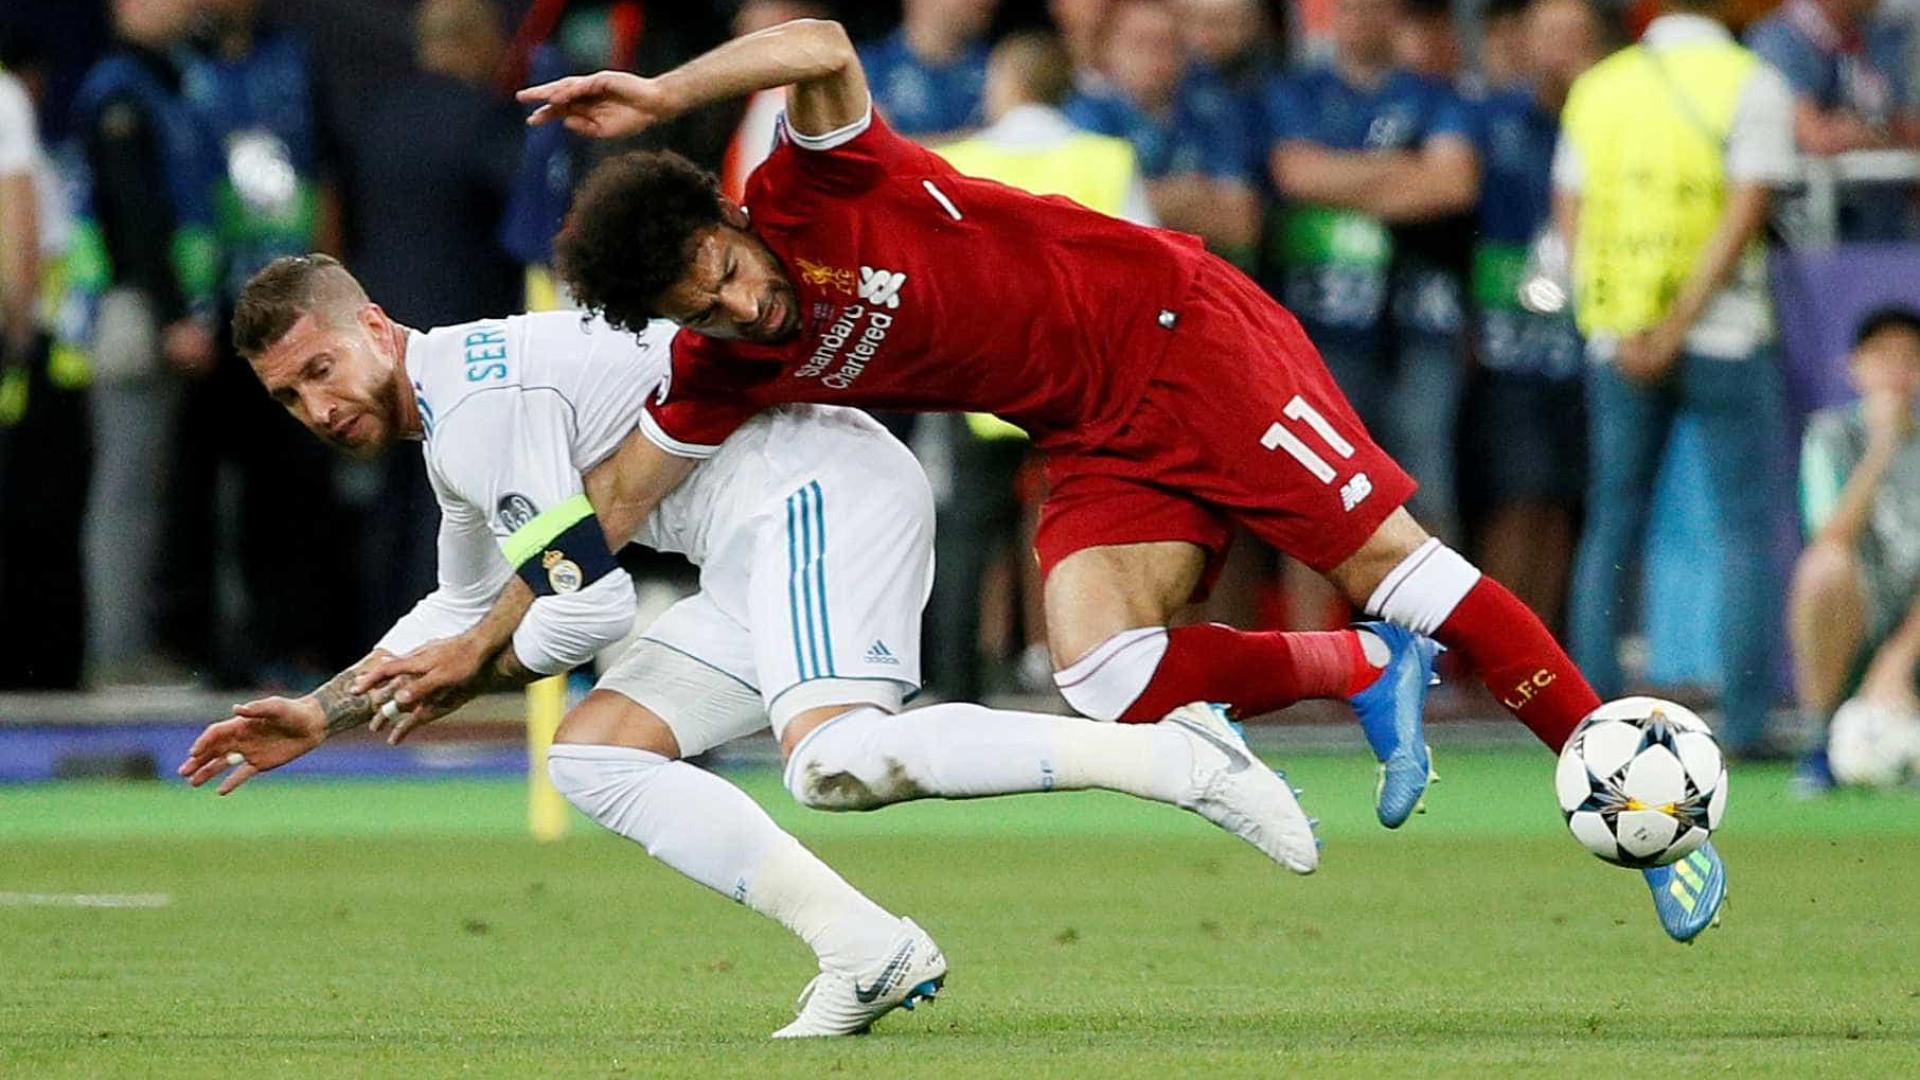 Petição pedindo punição a Sergio Ramos tem mais de 350 mil assinaturas